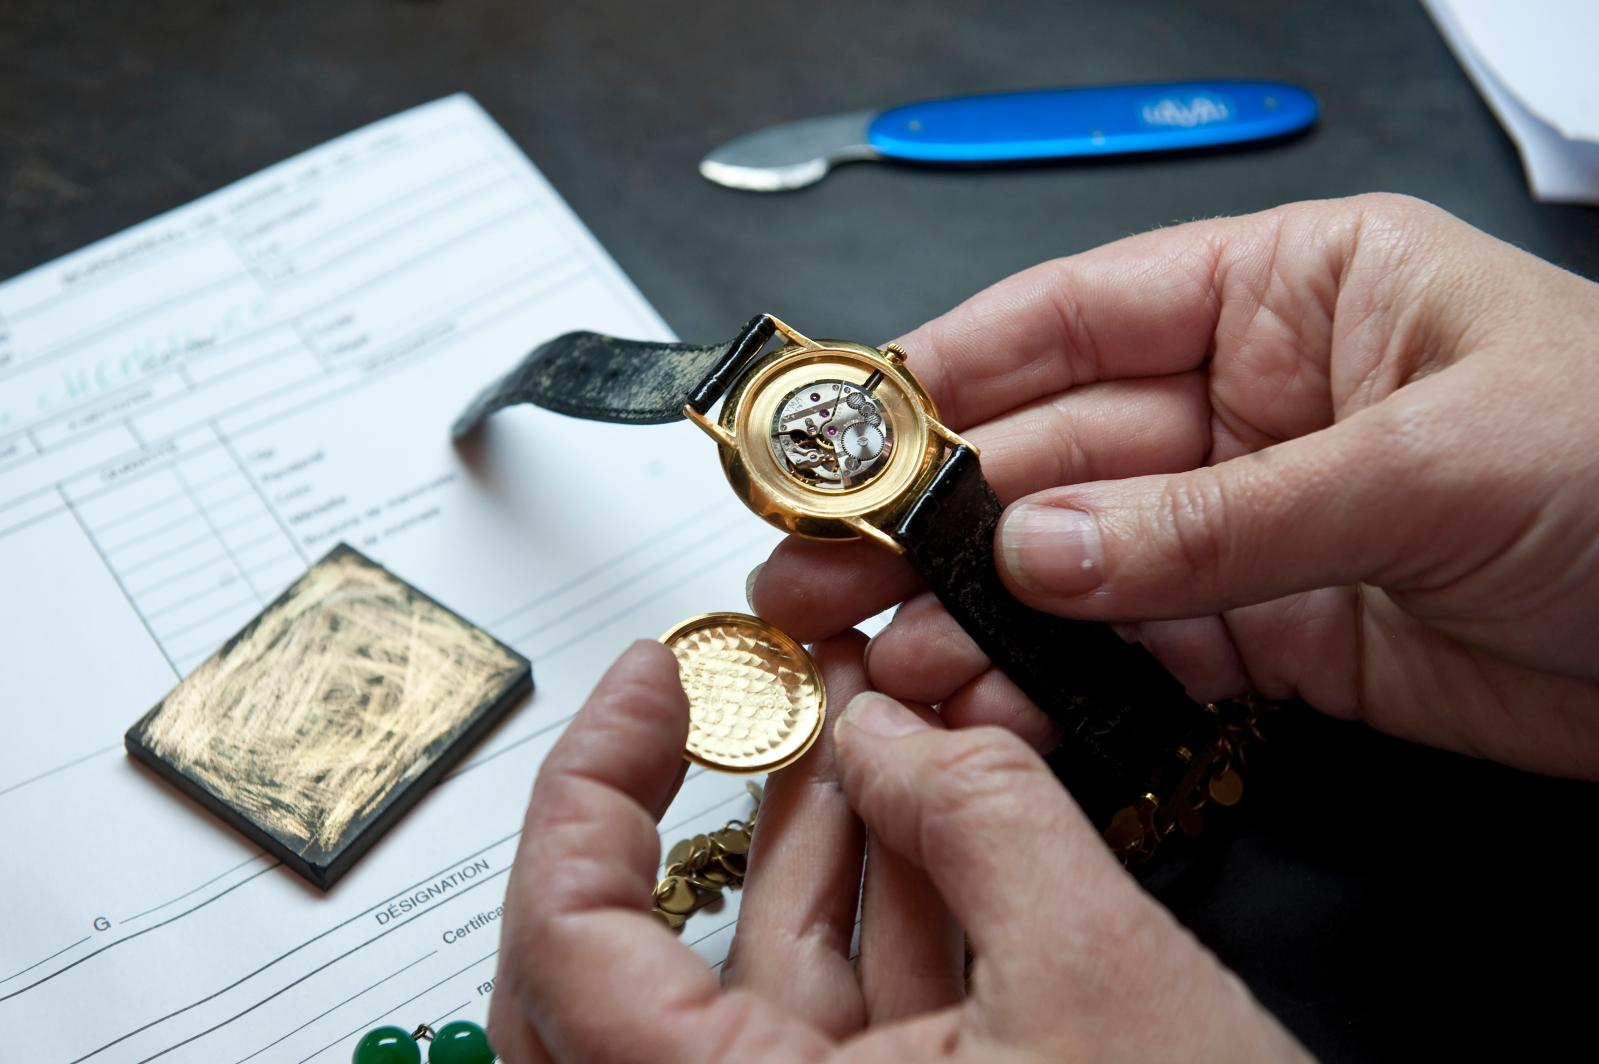 Lors de l'expertise, ouverture d'une montre pour en vérifier le mécanisme.